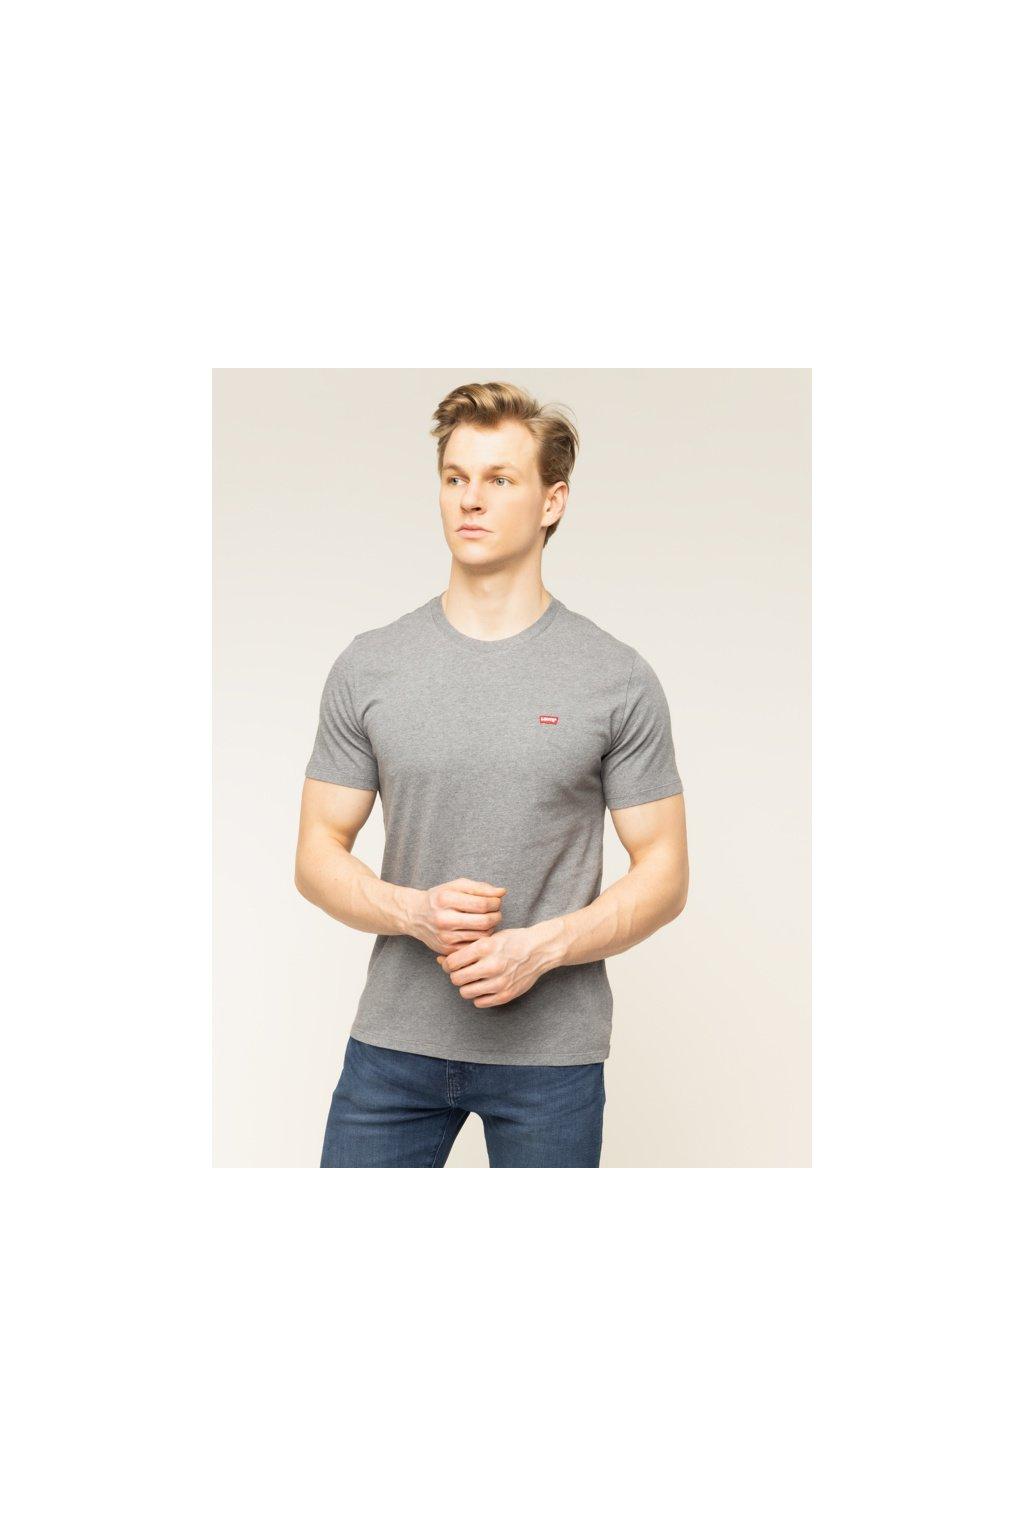 Pánské triko LEVI'S - šedá 0022 obr1